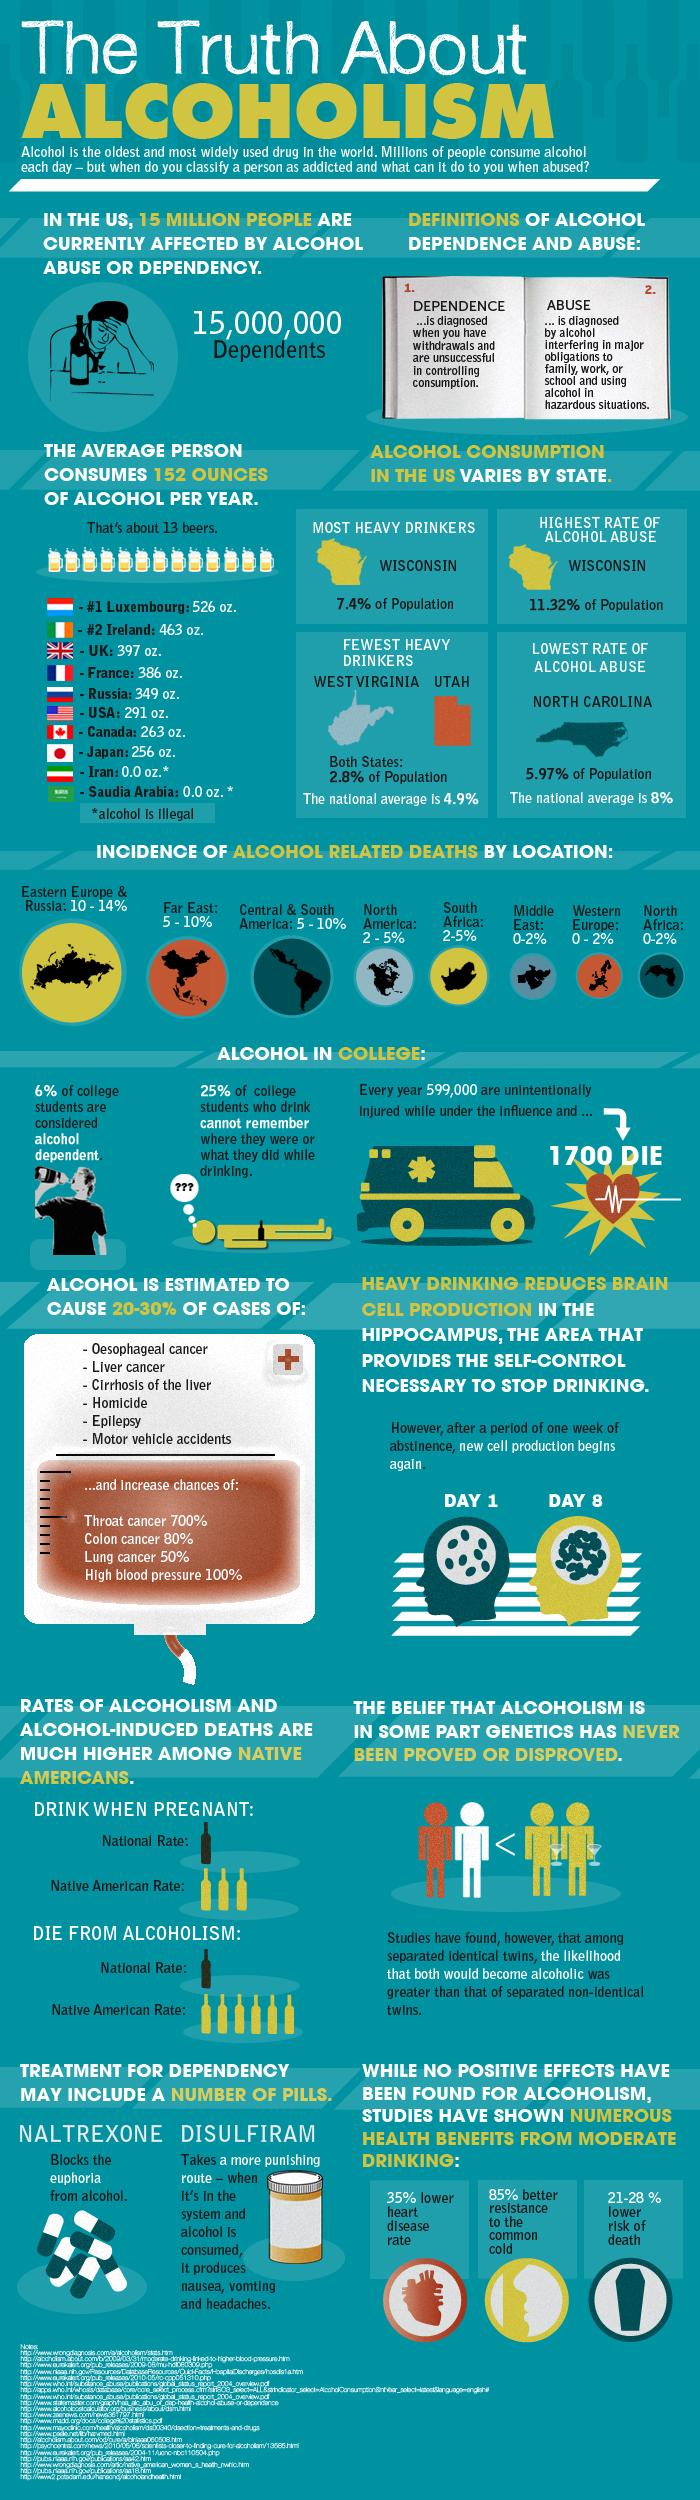 Alcoholism Trends